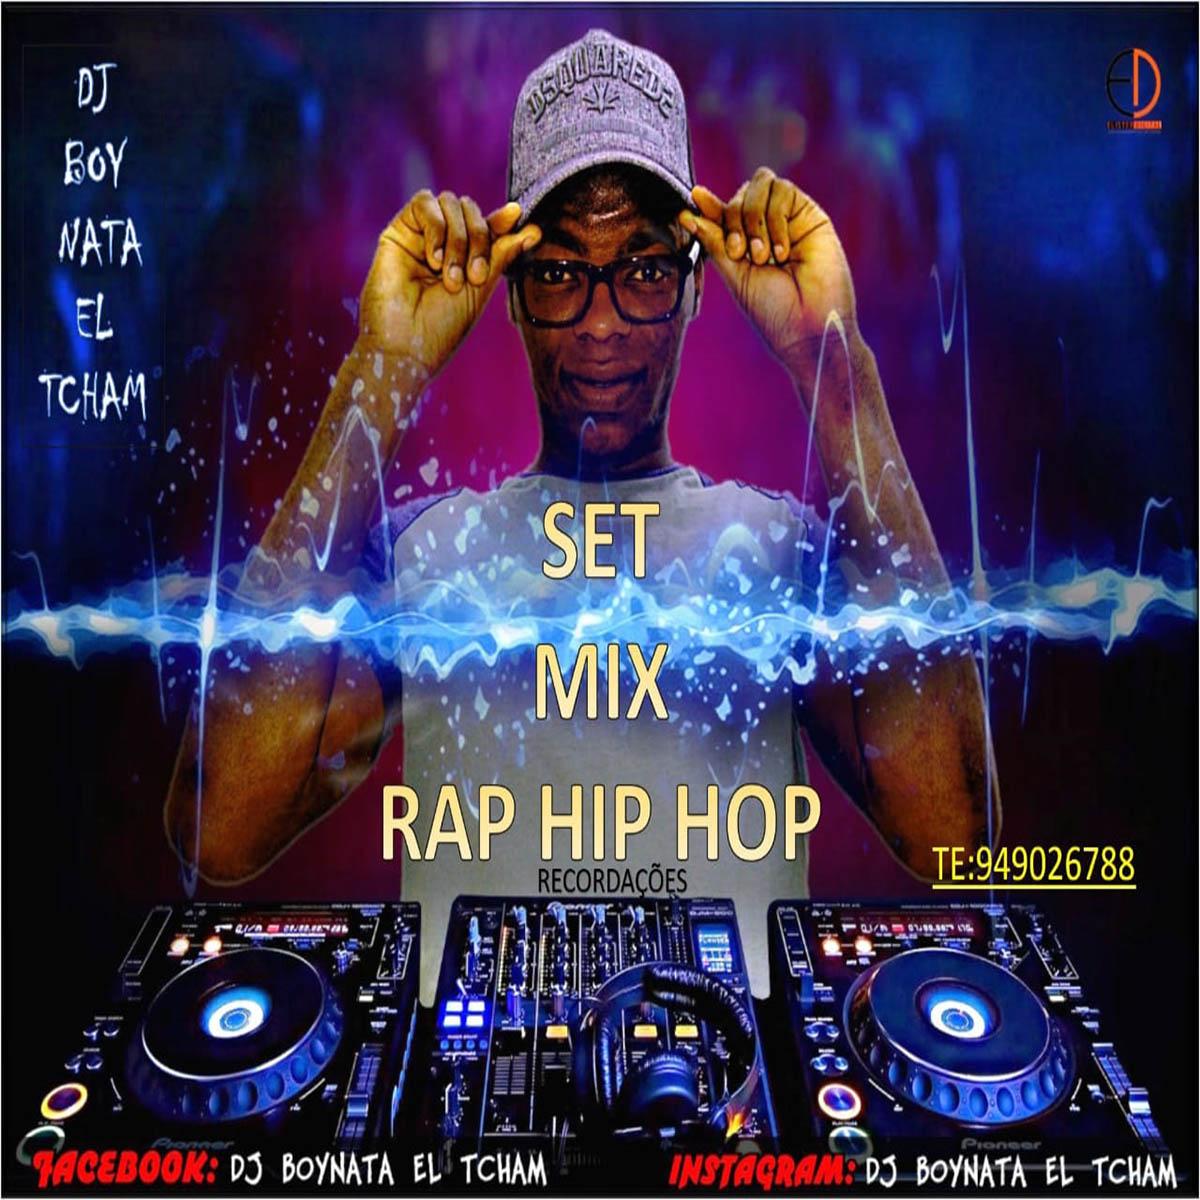 Dj Boynata - Set Mix Rap Hip Hop